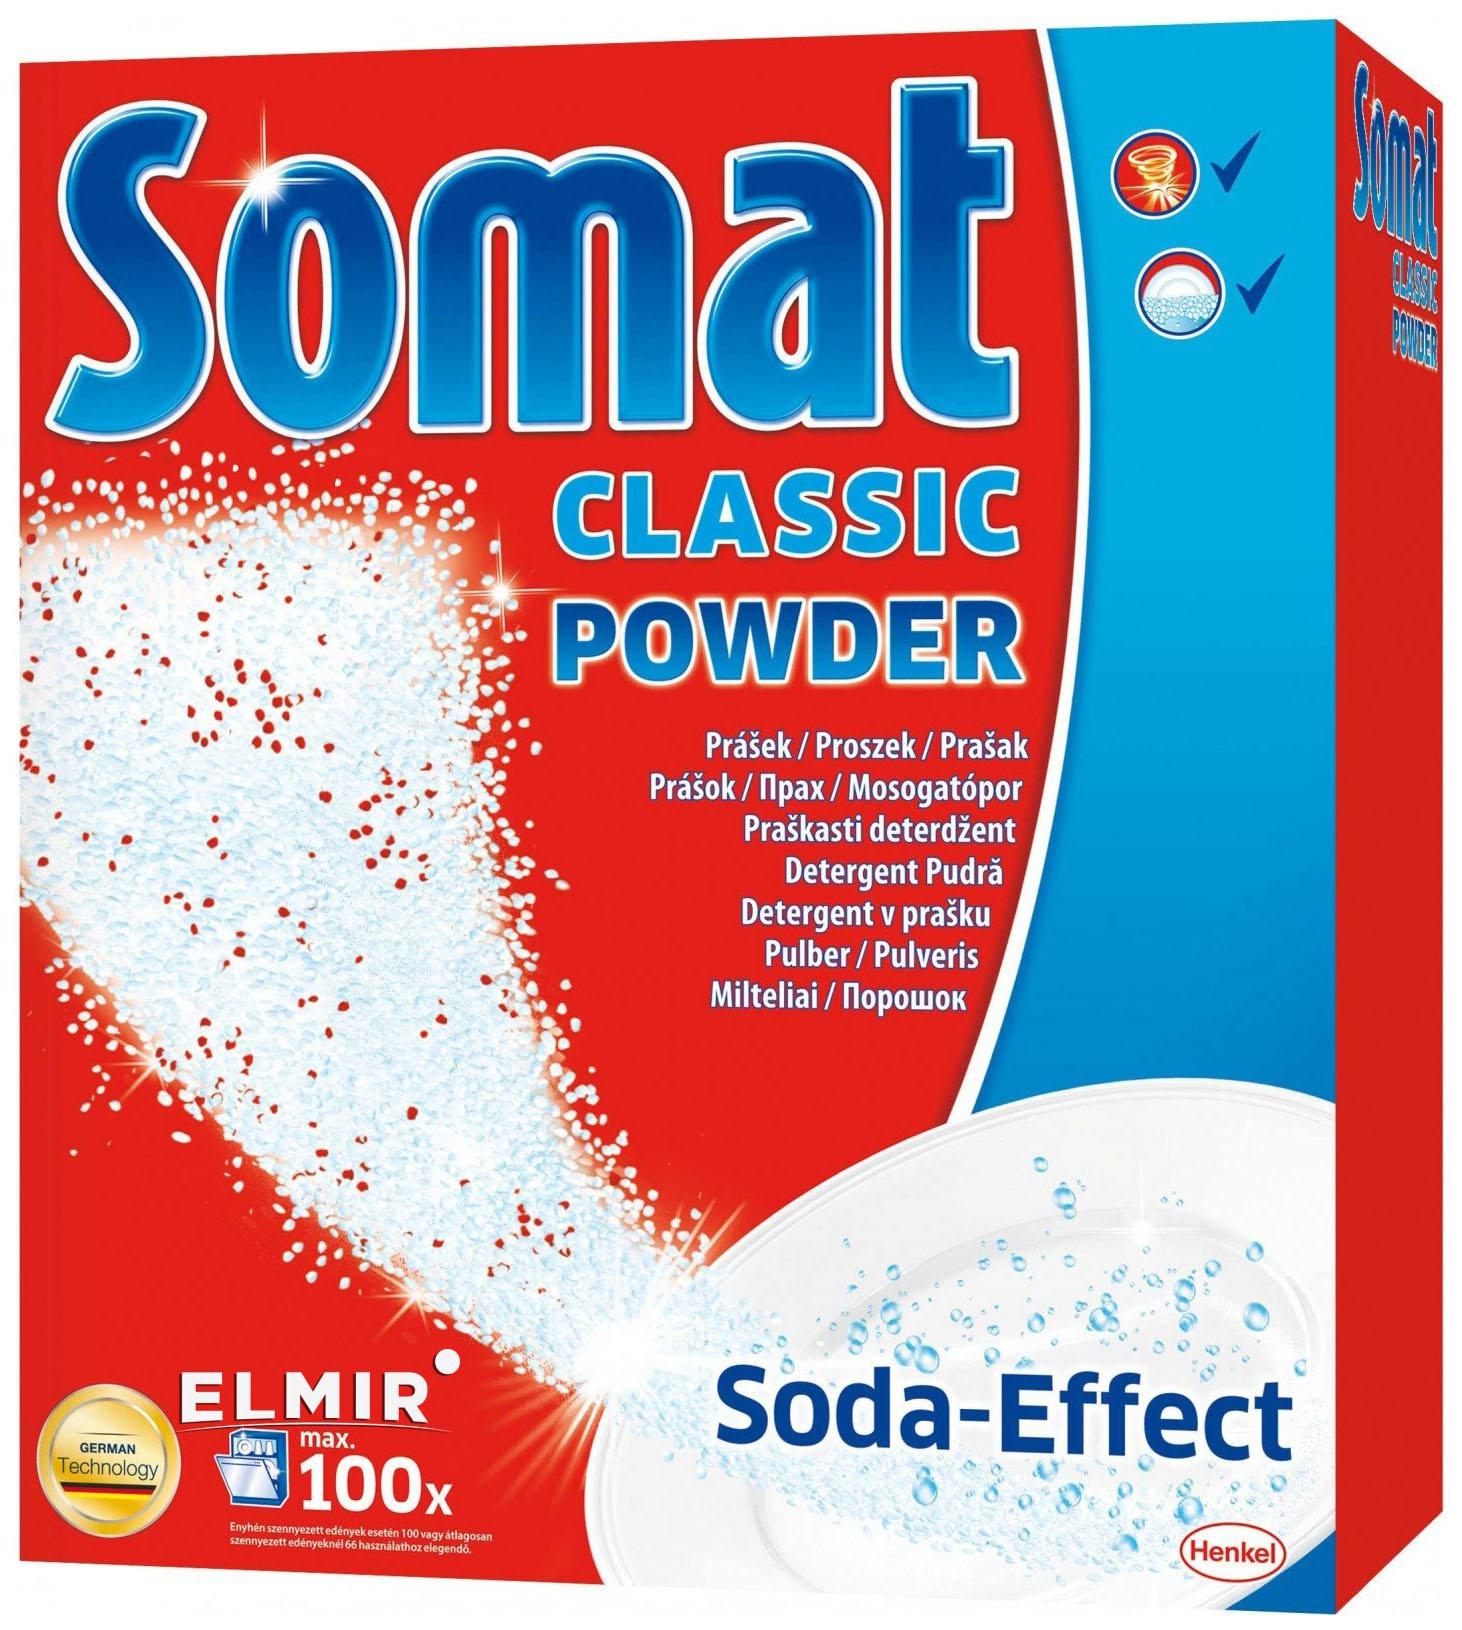 Порошок для посудомоечной машины Somat classic